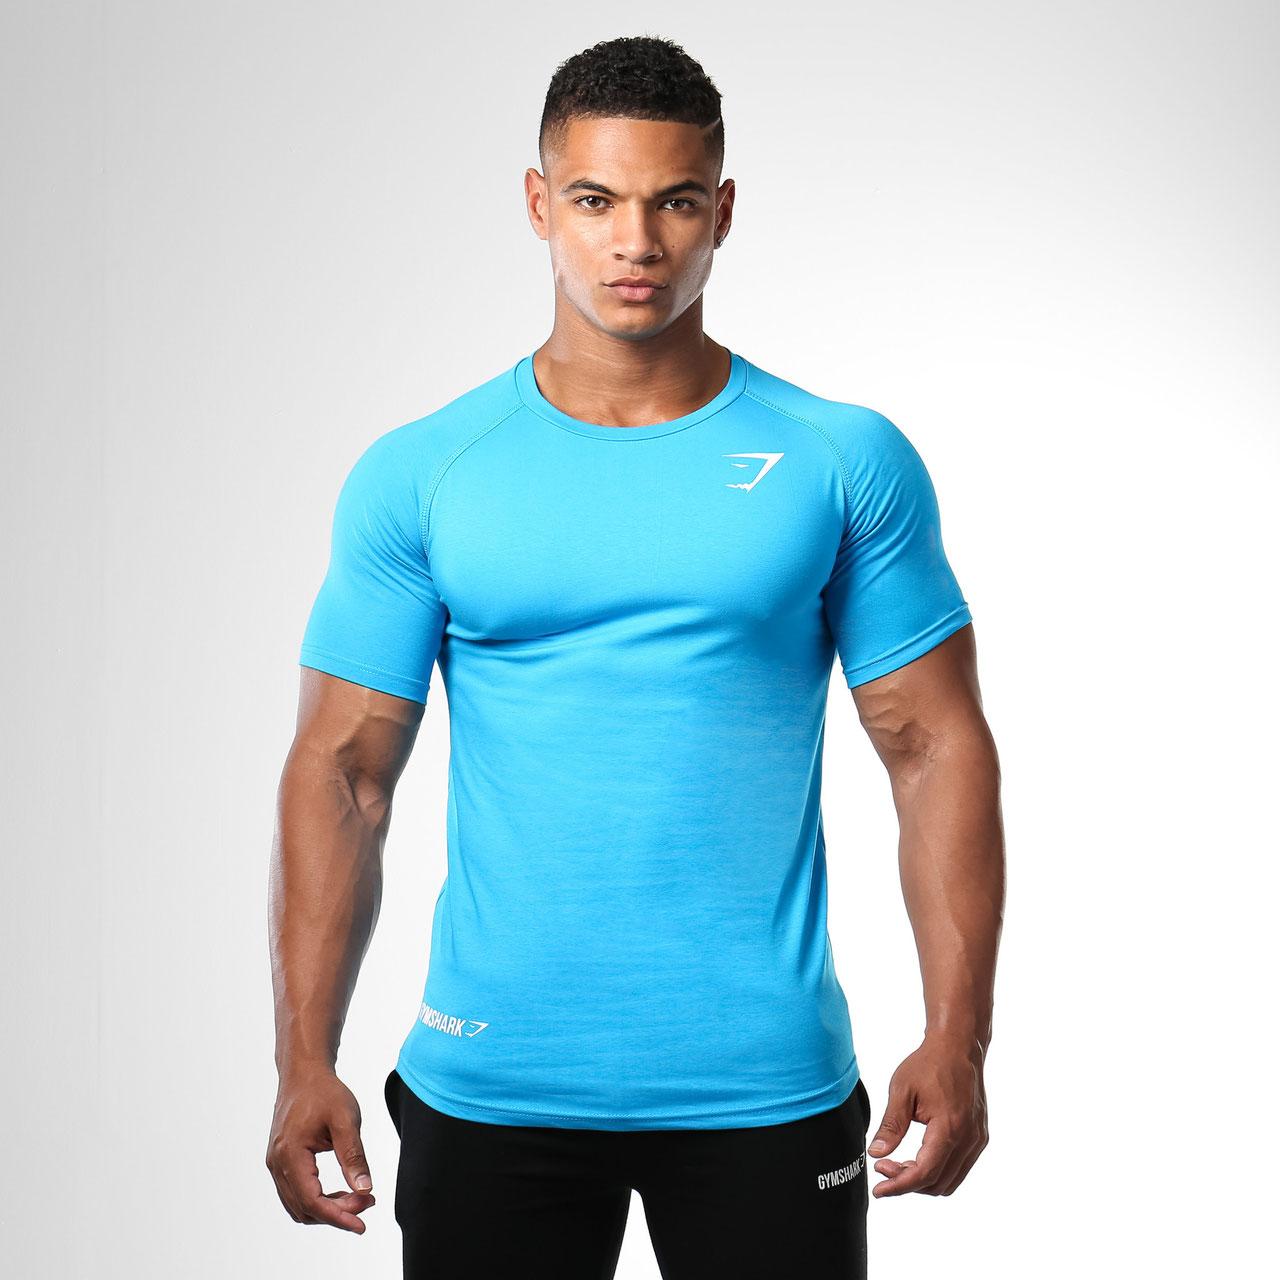 Gymshark Form Fitted T Shirt Blue Gymshark Sportelano